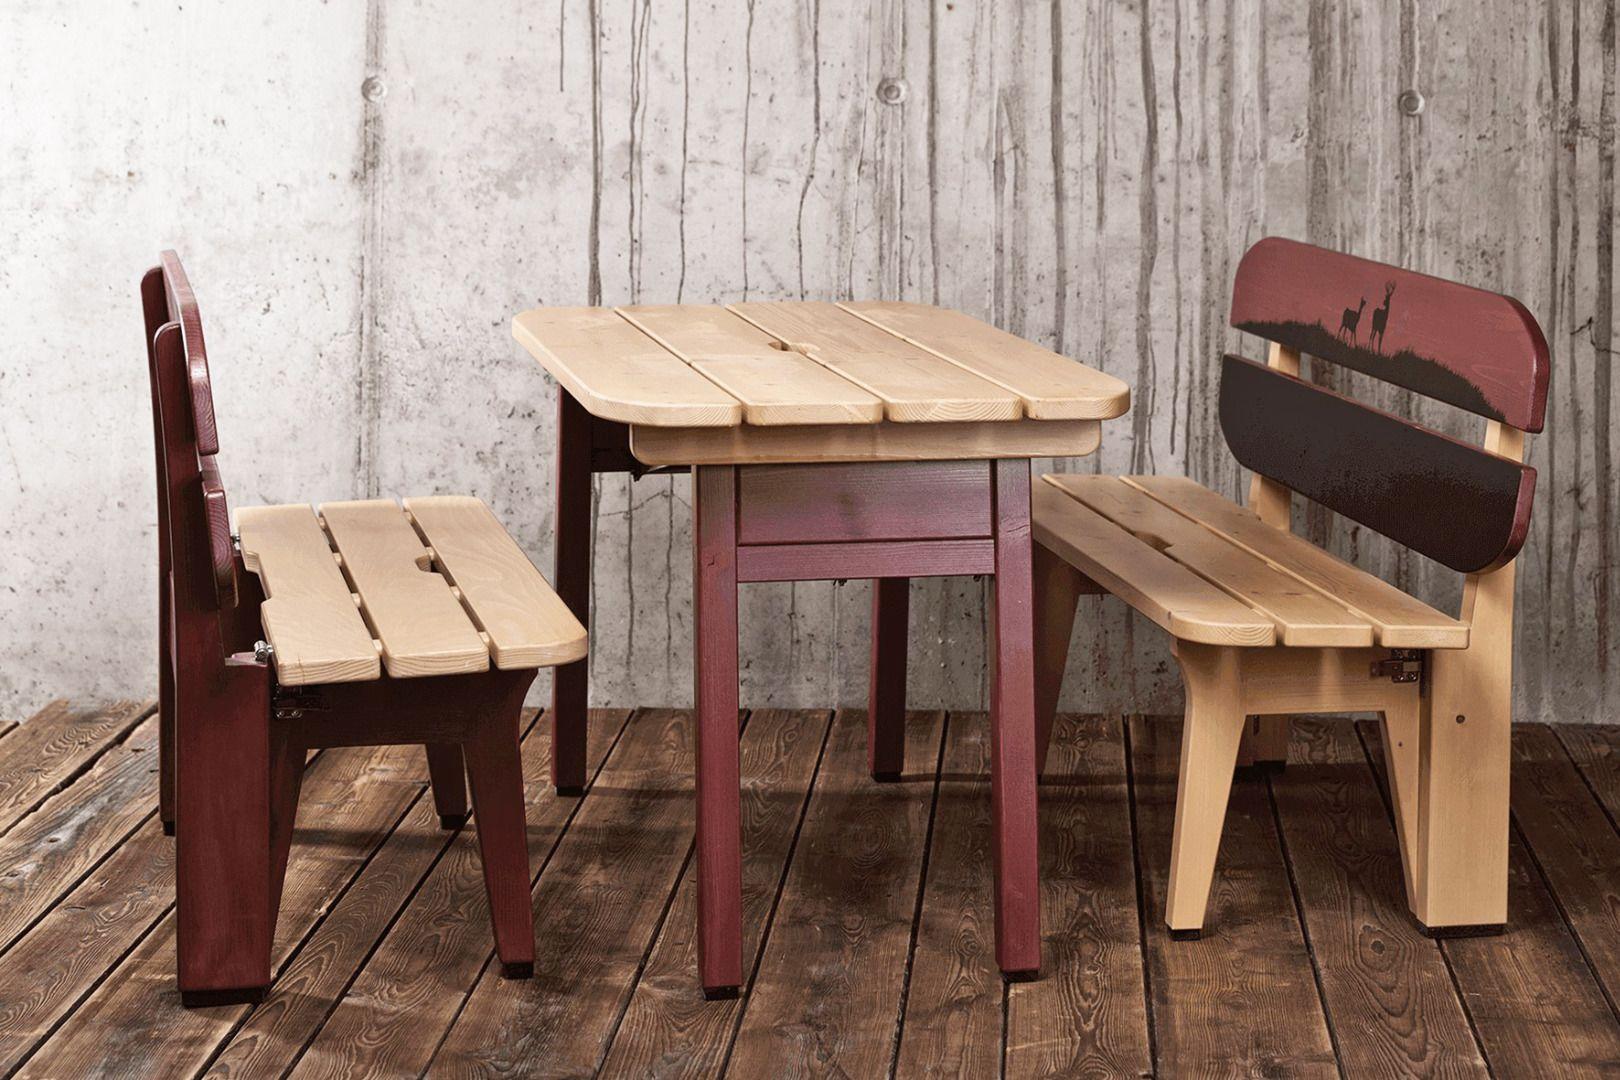 Tischlerei Knapp - Massivholz Tischset